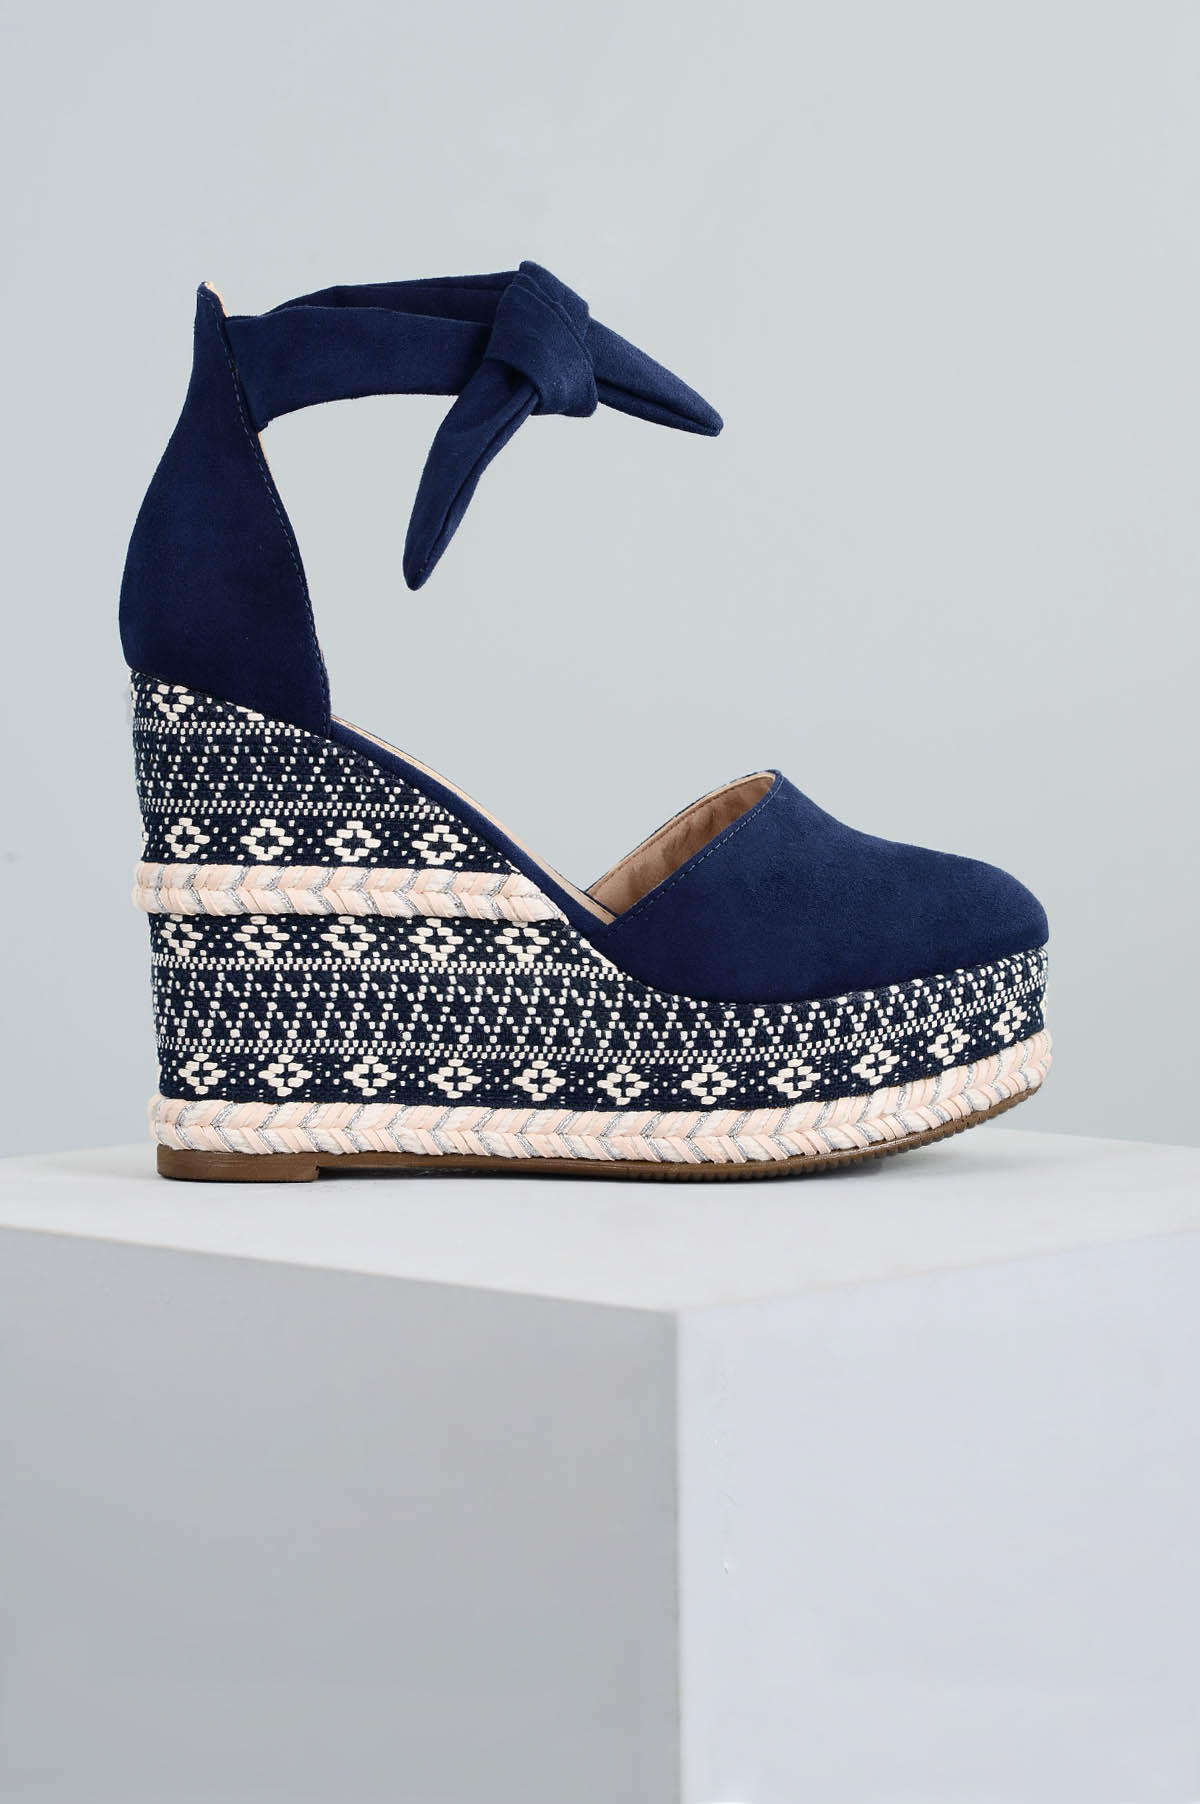 53e1538e55 Sapato Feminino Anabela Caron Mundial CAM - MARINHO - Mundial Calçados